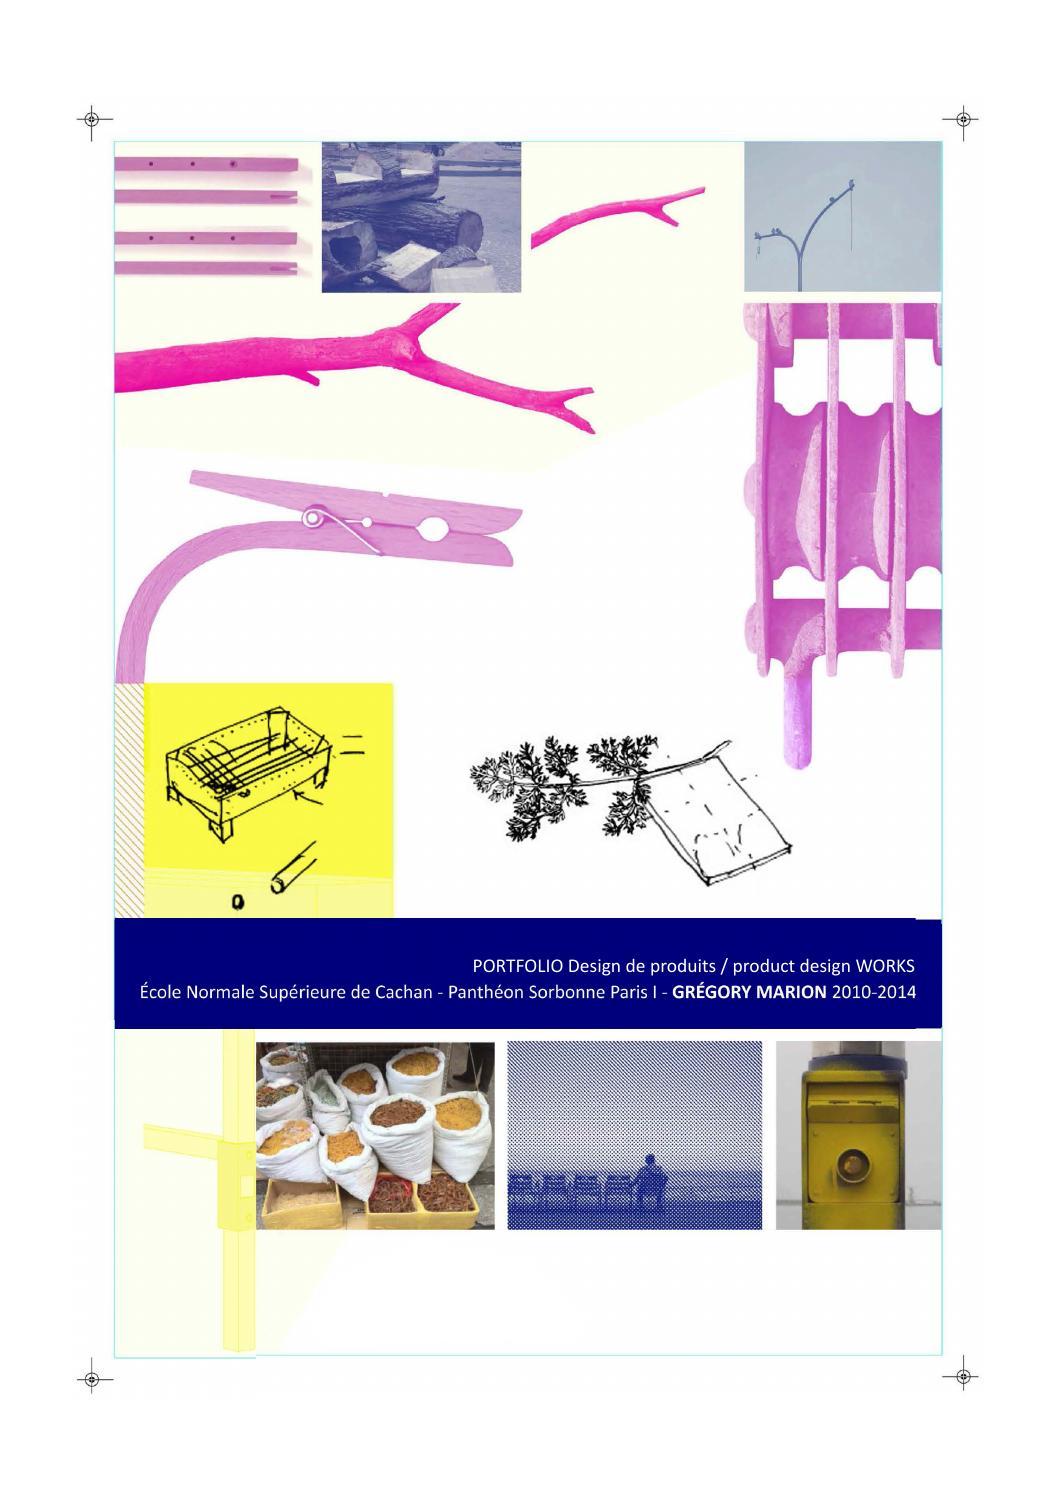 Dsaa Design Produit Toulouse grégory marion product design portfolio / 2010-2014